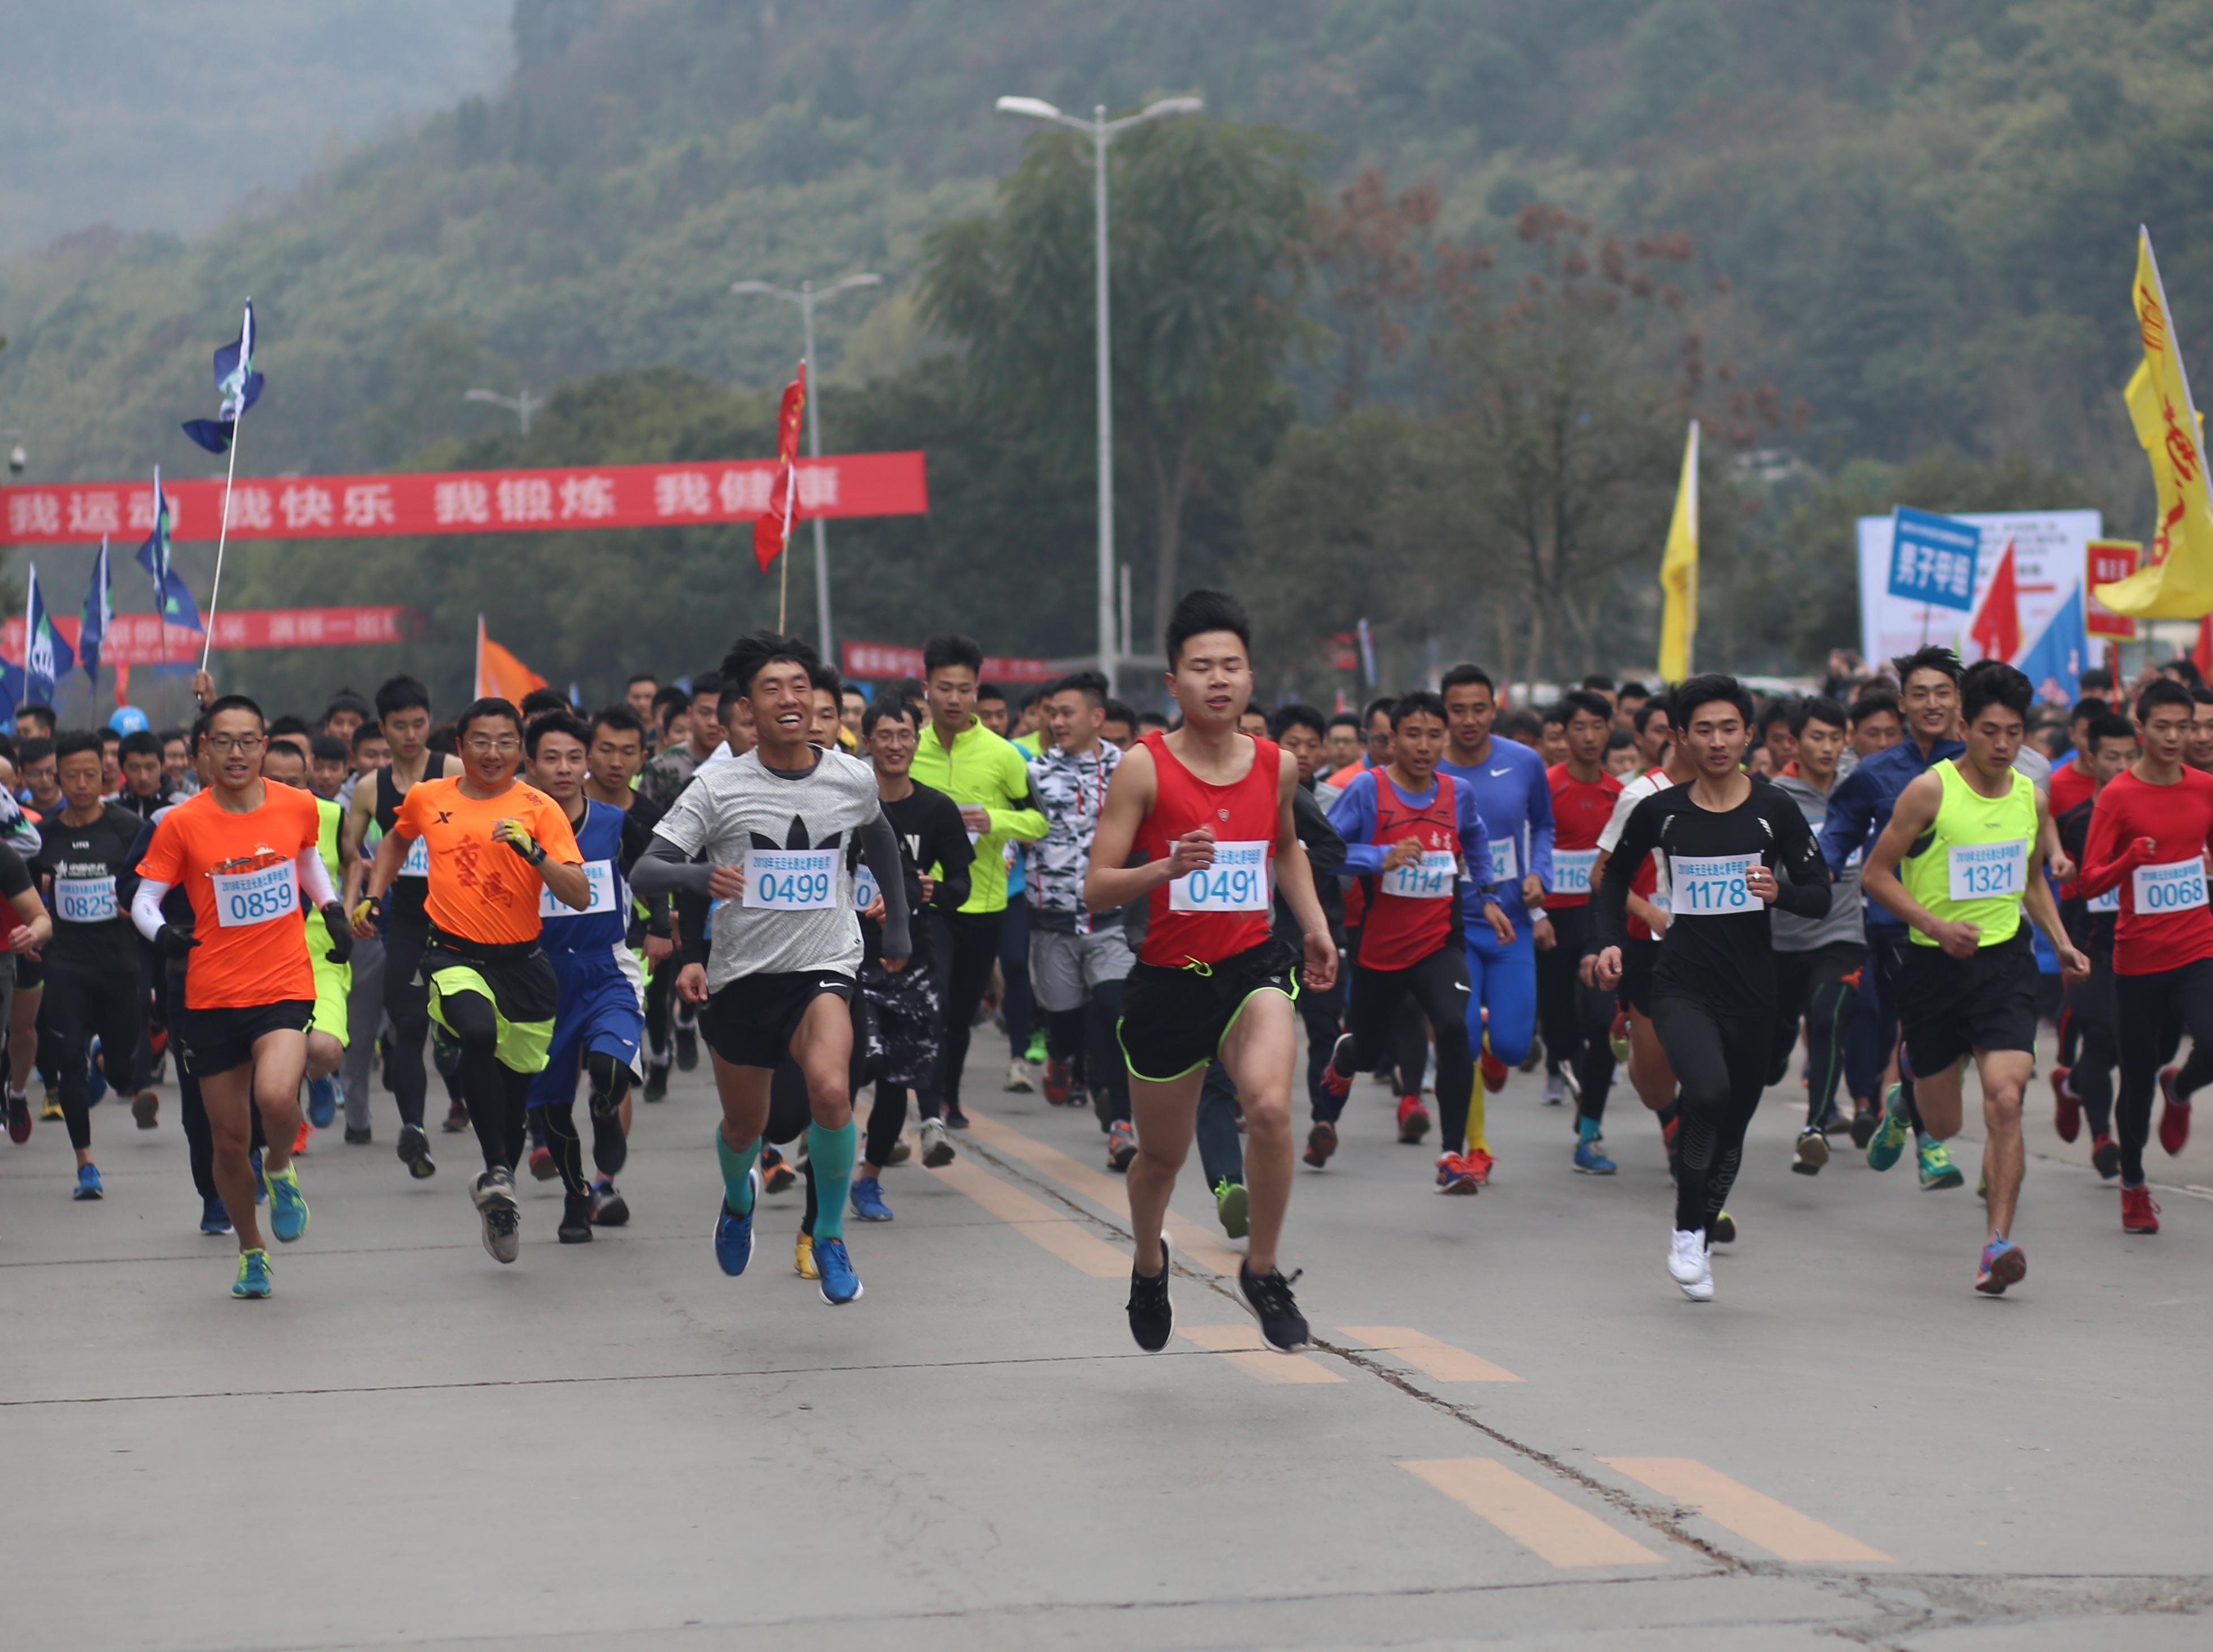 南充市2019年迎新万众健身跑暨长跑比赛